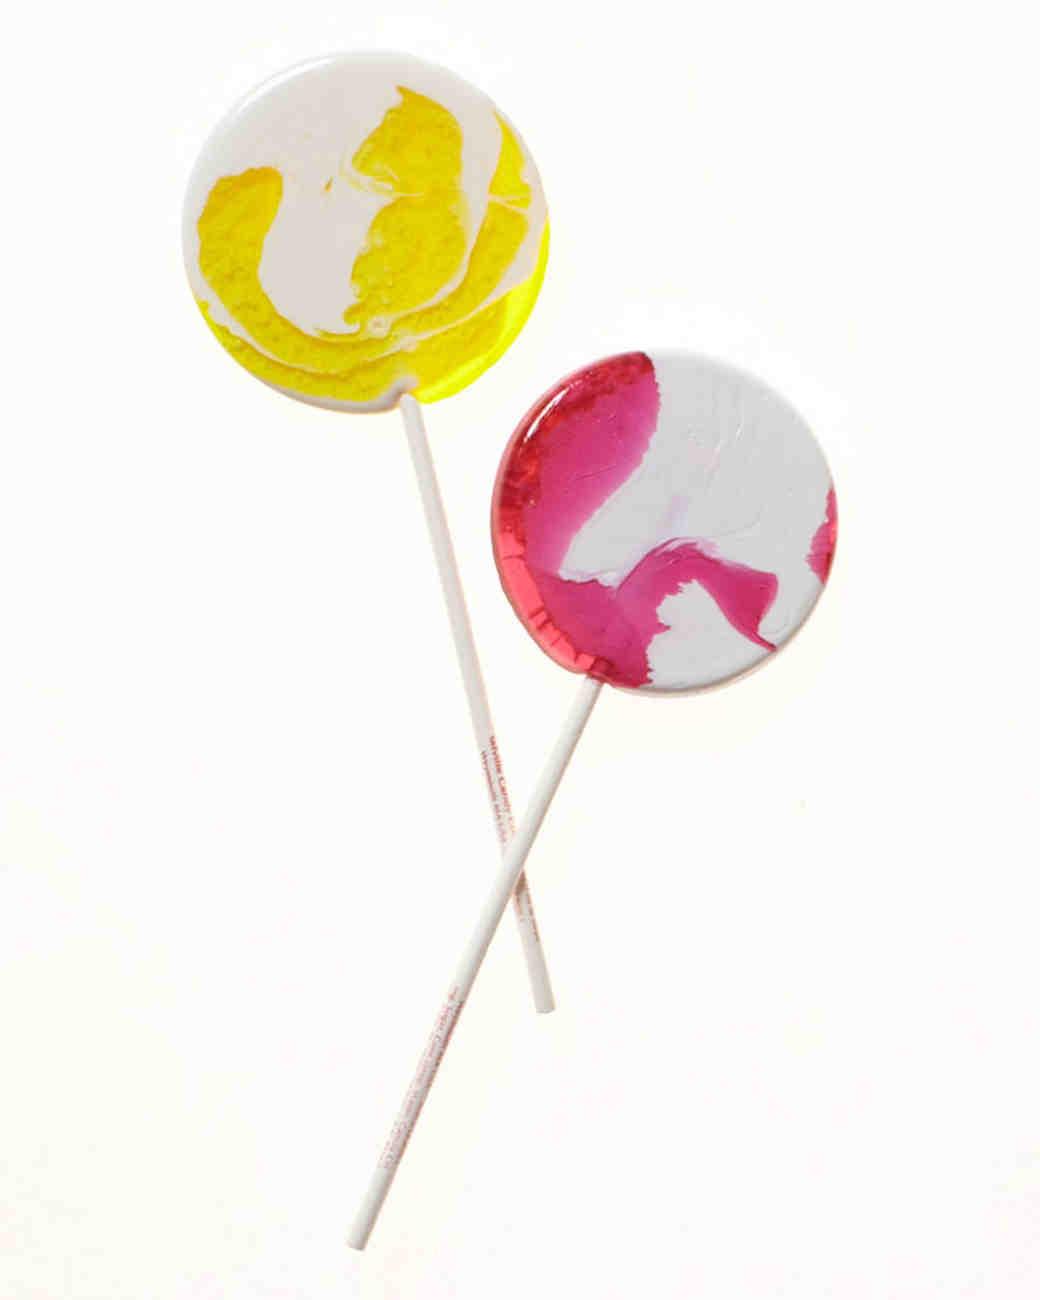 candy-dylan-sum11d107396-041.jpg